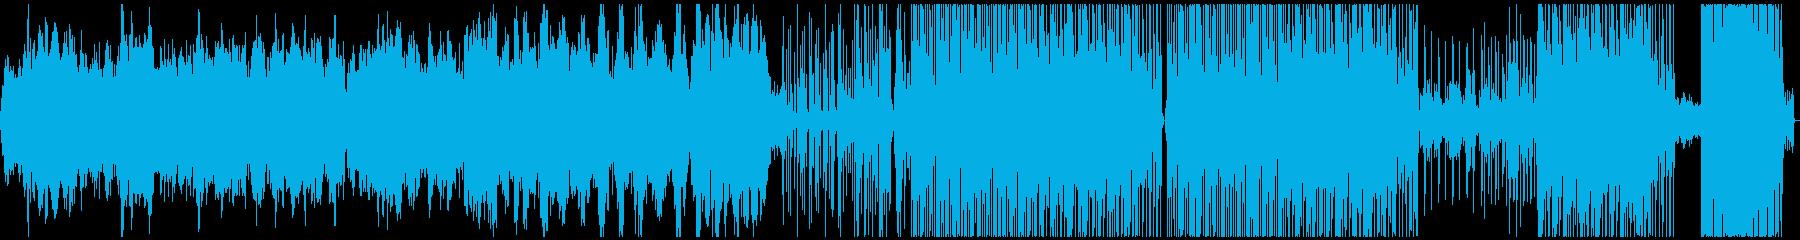 アンビエント トロピカル 未来の技...の再生済みの波形